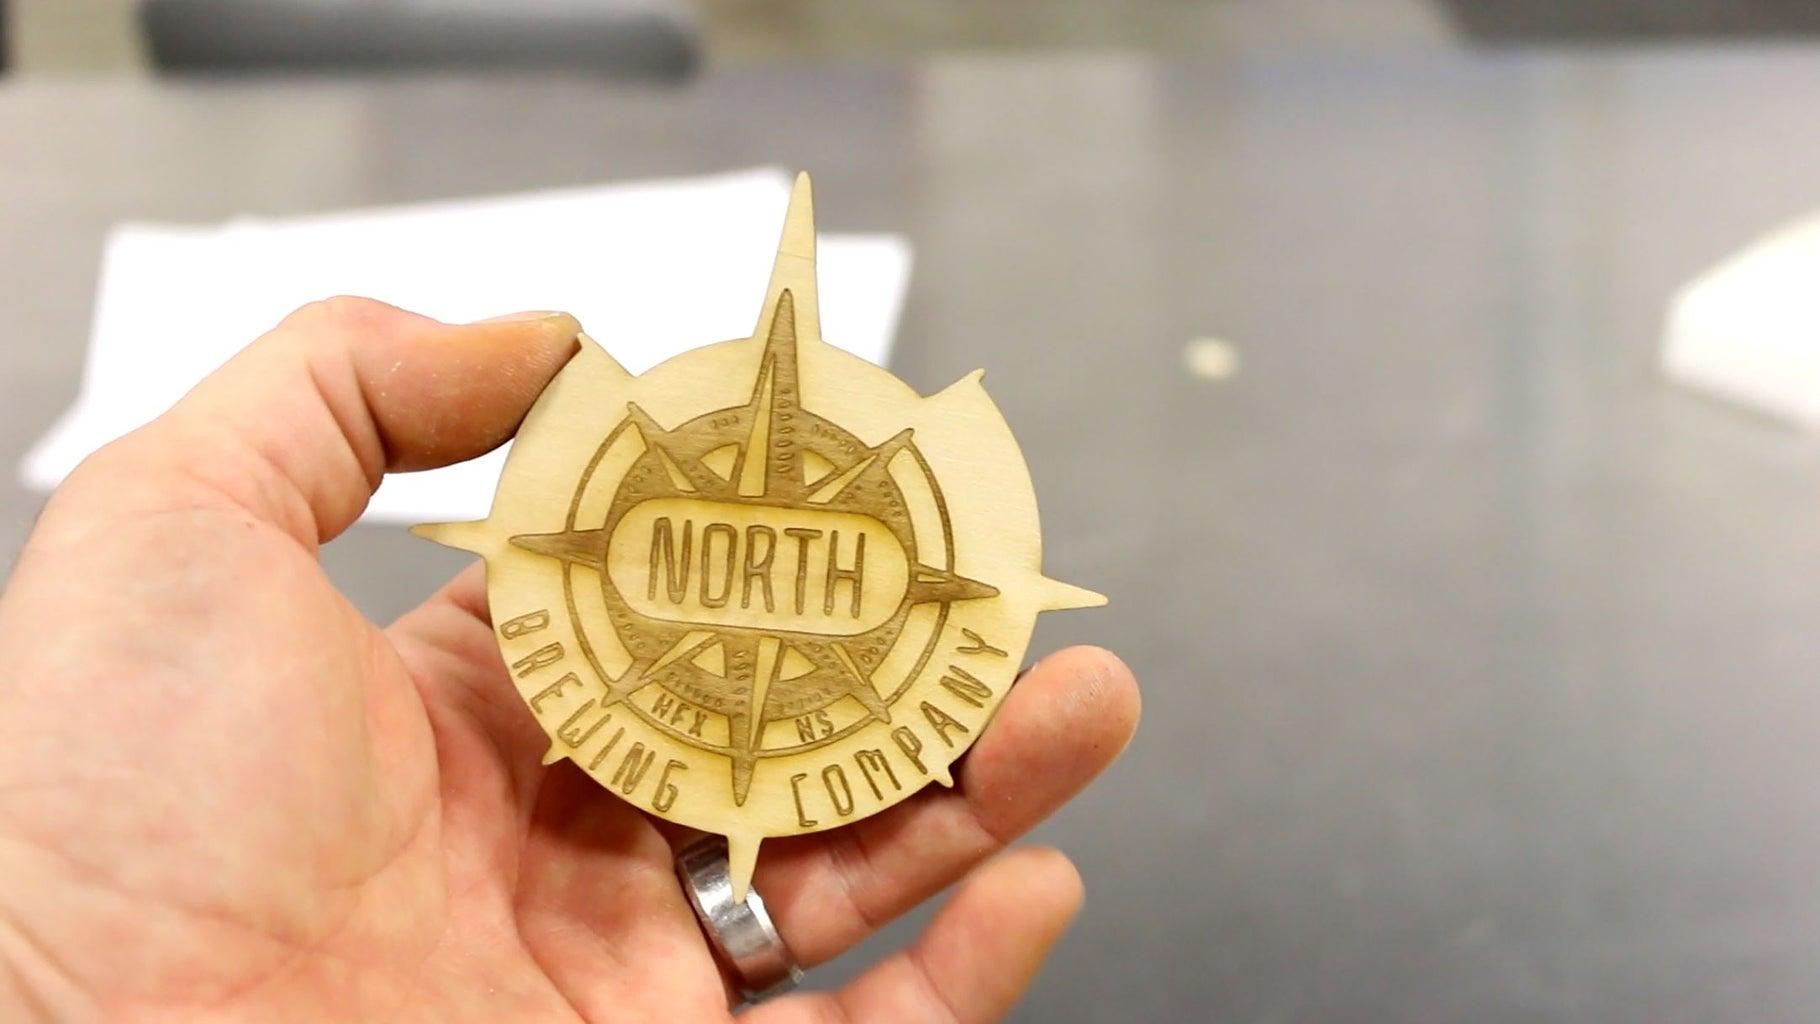 Coaster 2: North Brewing Company